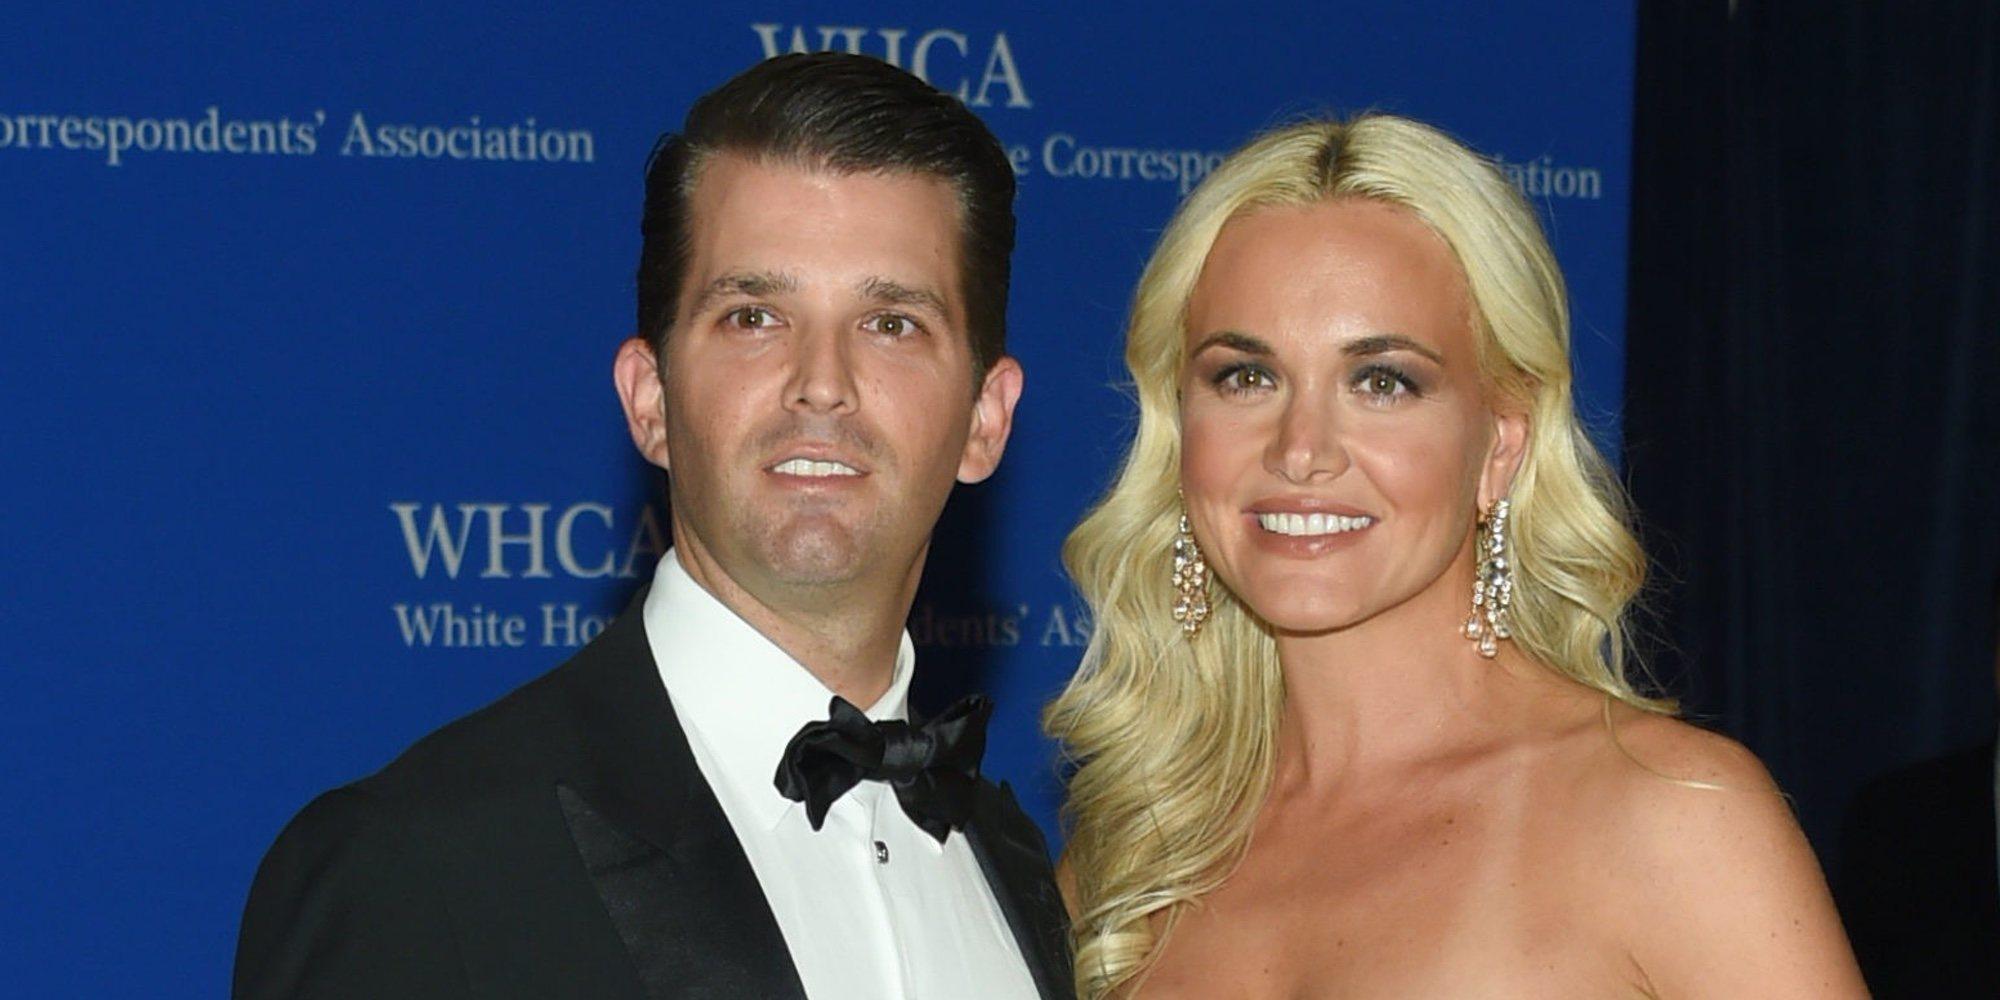 El hijo mayor de Donald Trump, Donald Trump Jr., a punto de divorciarse de Vanessa Haydon